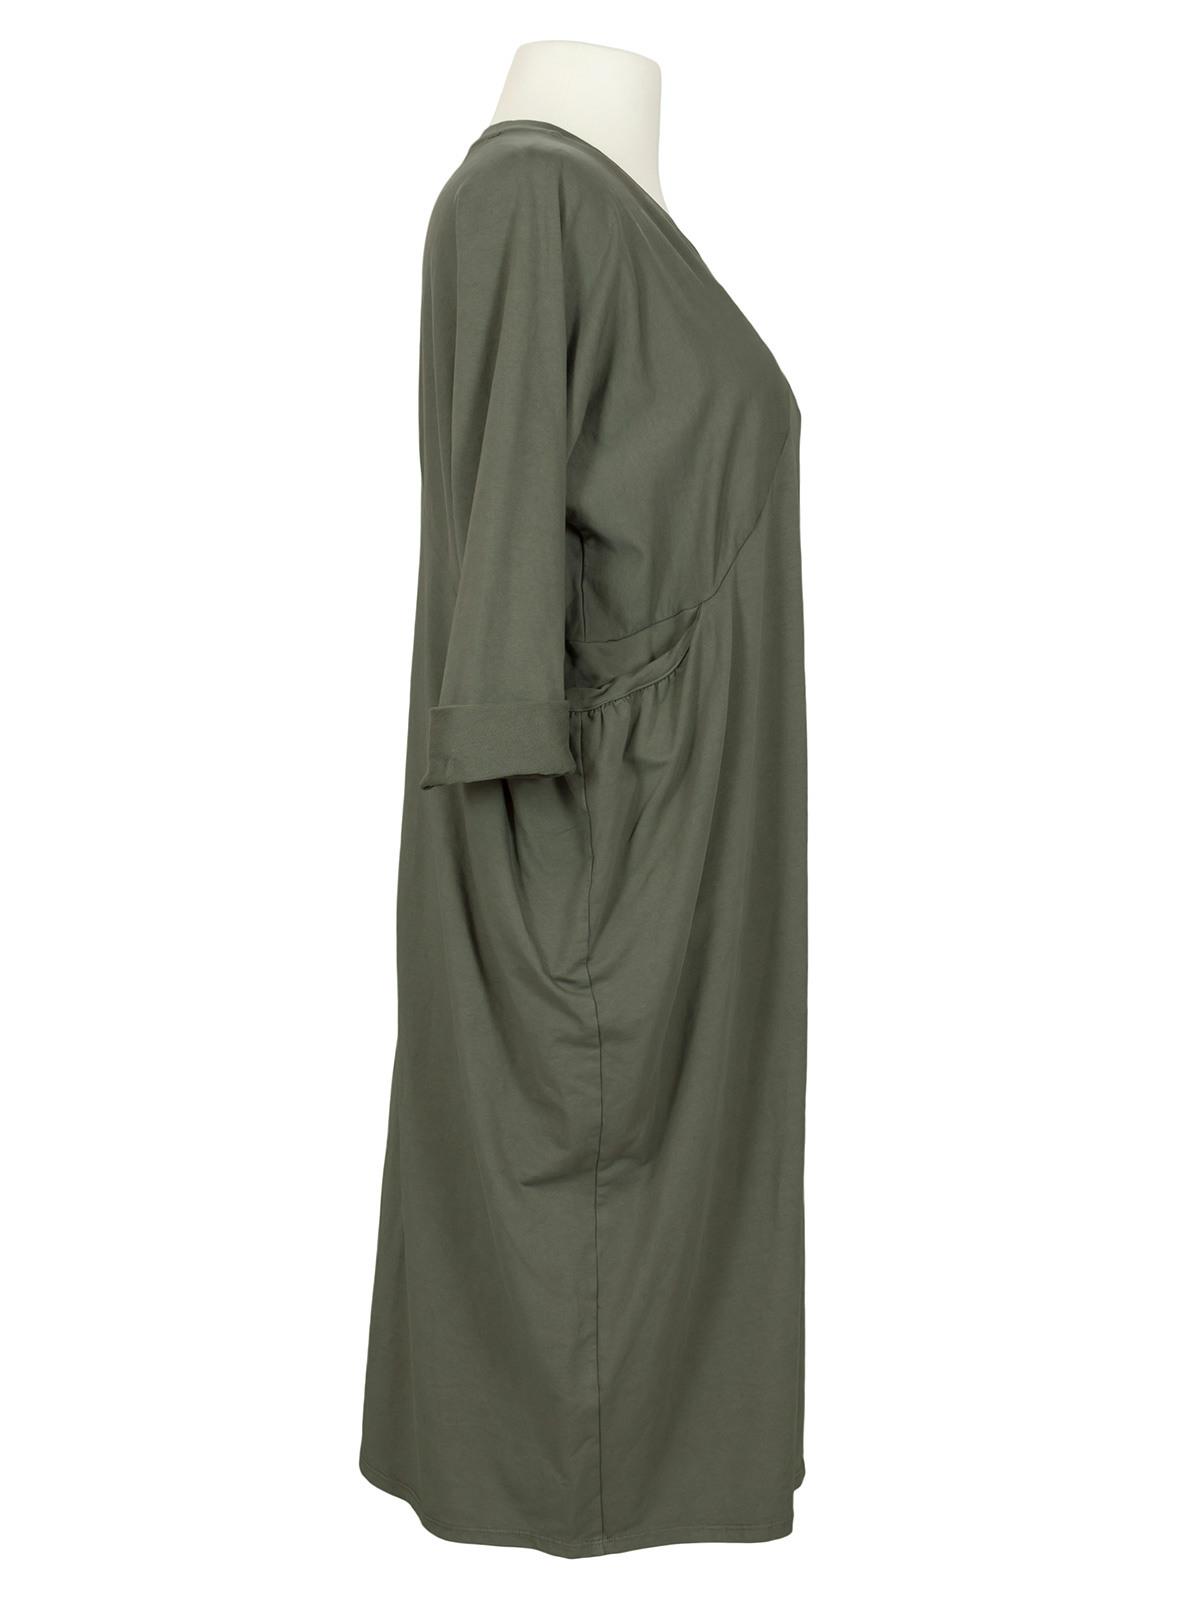 Kleid Baumwolljersey Khaki Von Wendy  Meinkleidchen